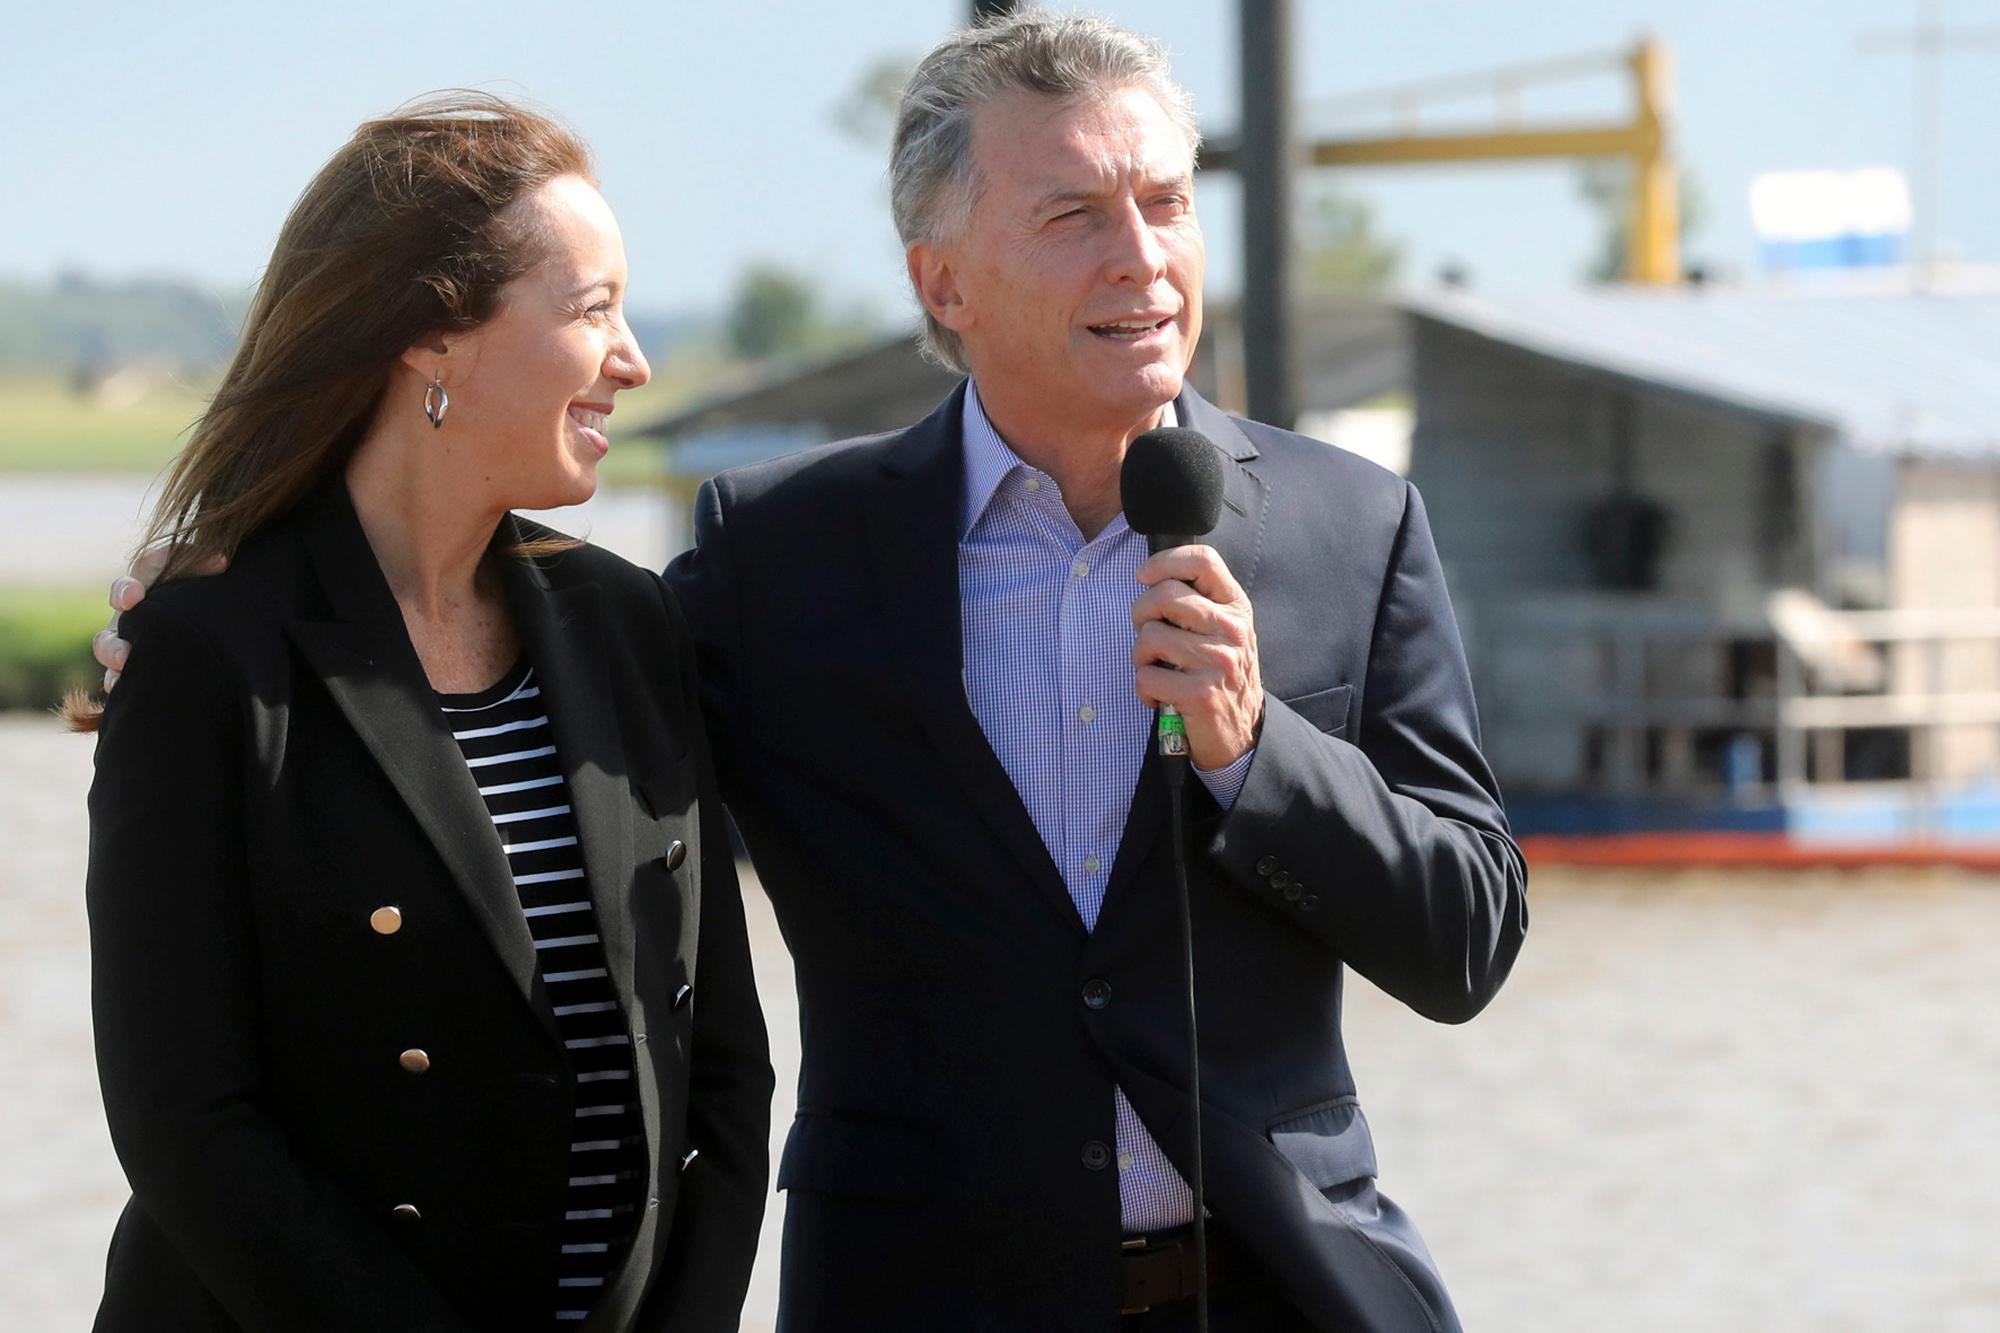 En su regreso, Macri se mostró con Vidal y puso el foco en la obra pública y la reactivación económica